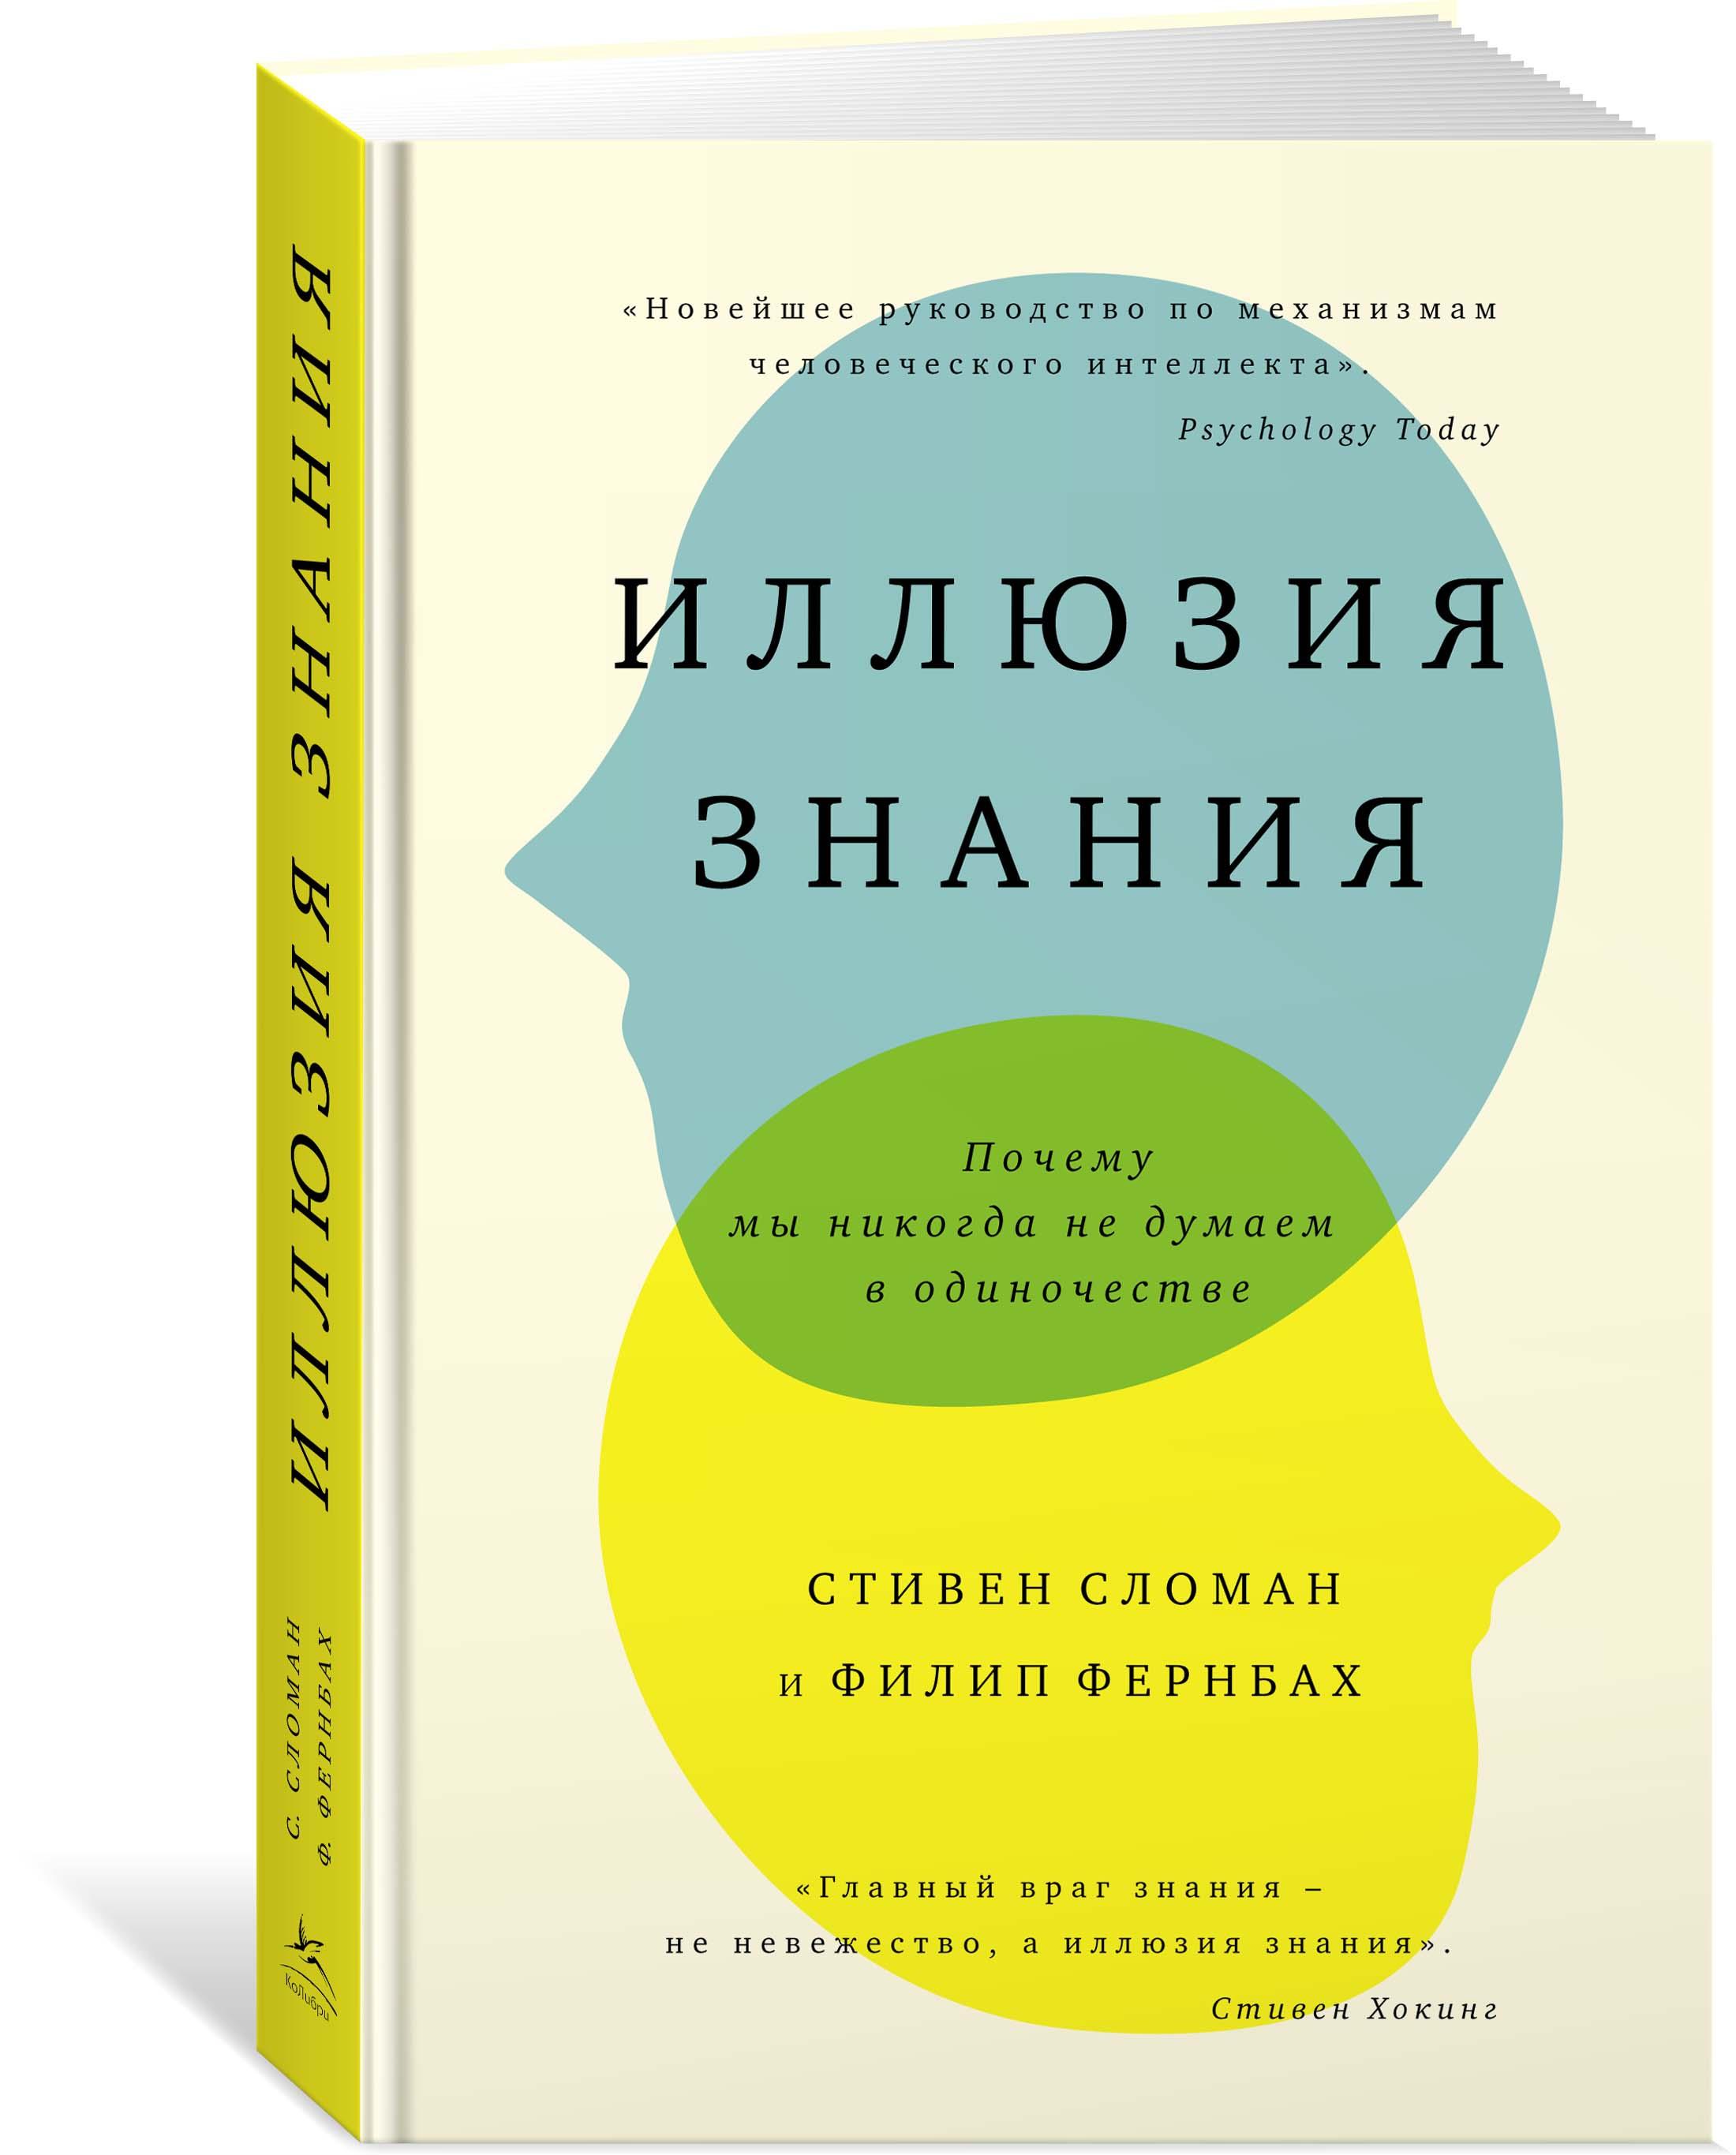 Стивен Сломан, Филип Фернбах Иллюзия знания. Почему мы никогда не думаем в одиночестве стивен а почему мы думаем то что мы думаем